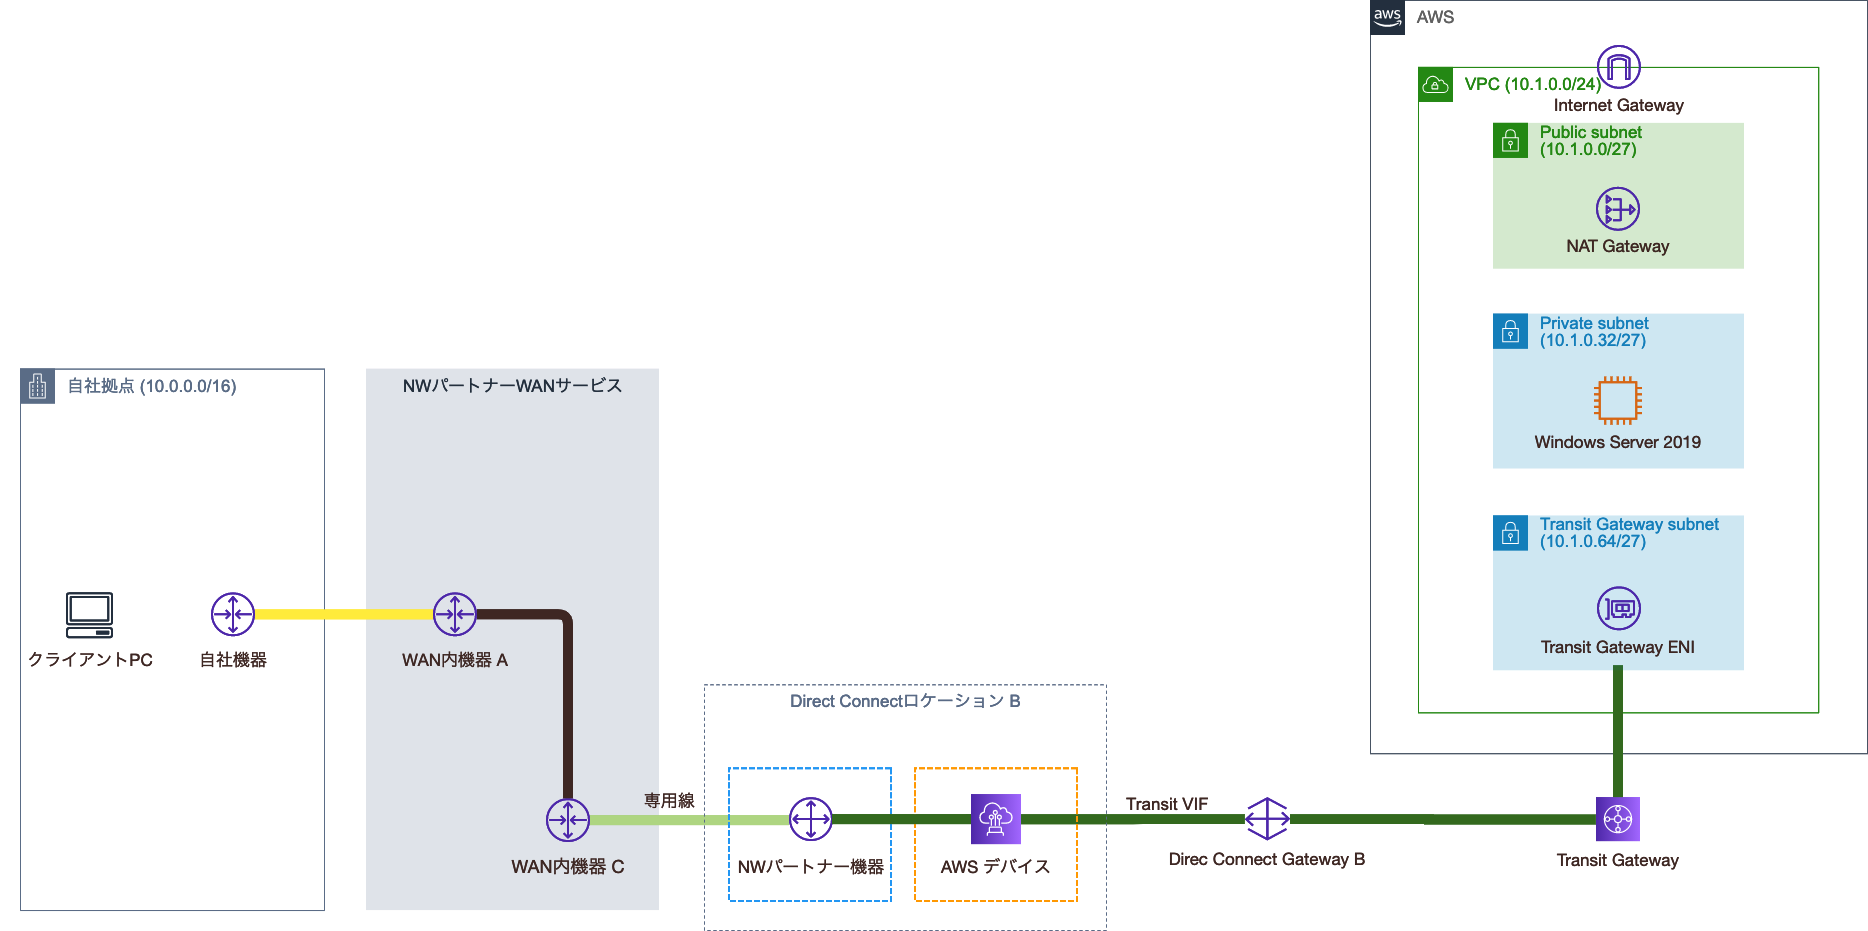 Transit VIF切替後の構成図